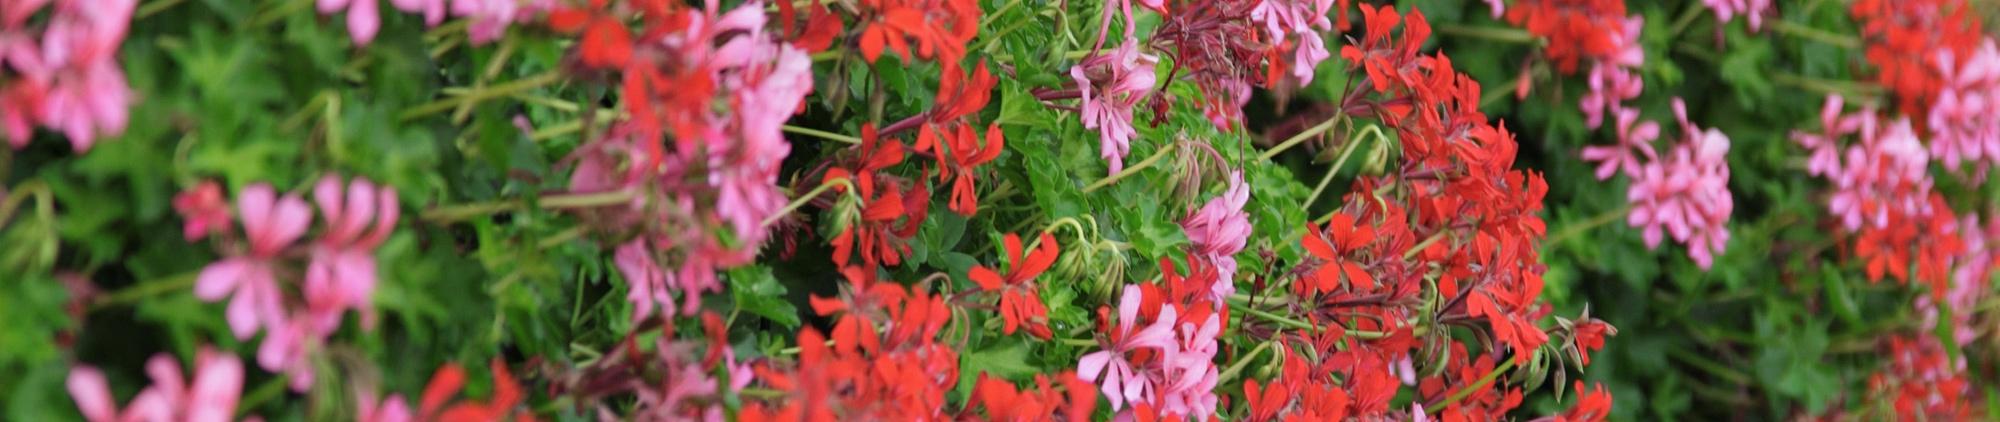 Neudorff Begonie Eisbegonie Schiefblatt Begonia Semperflorens